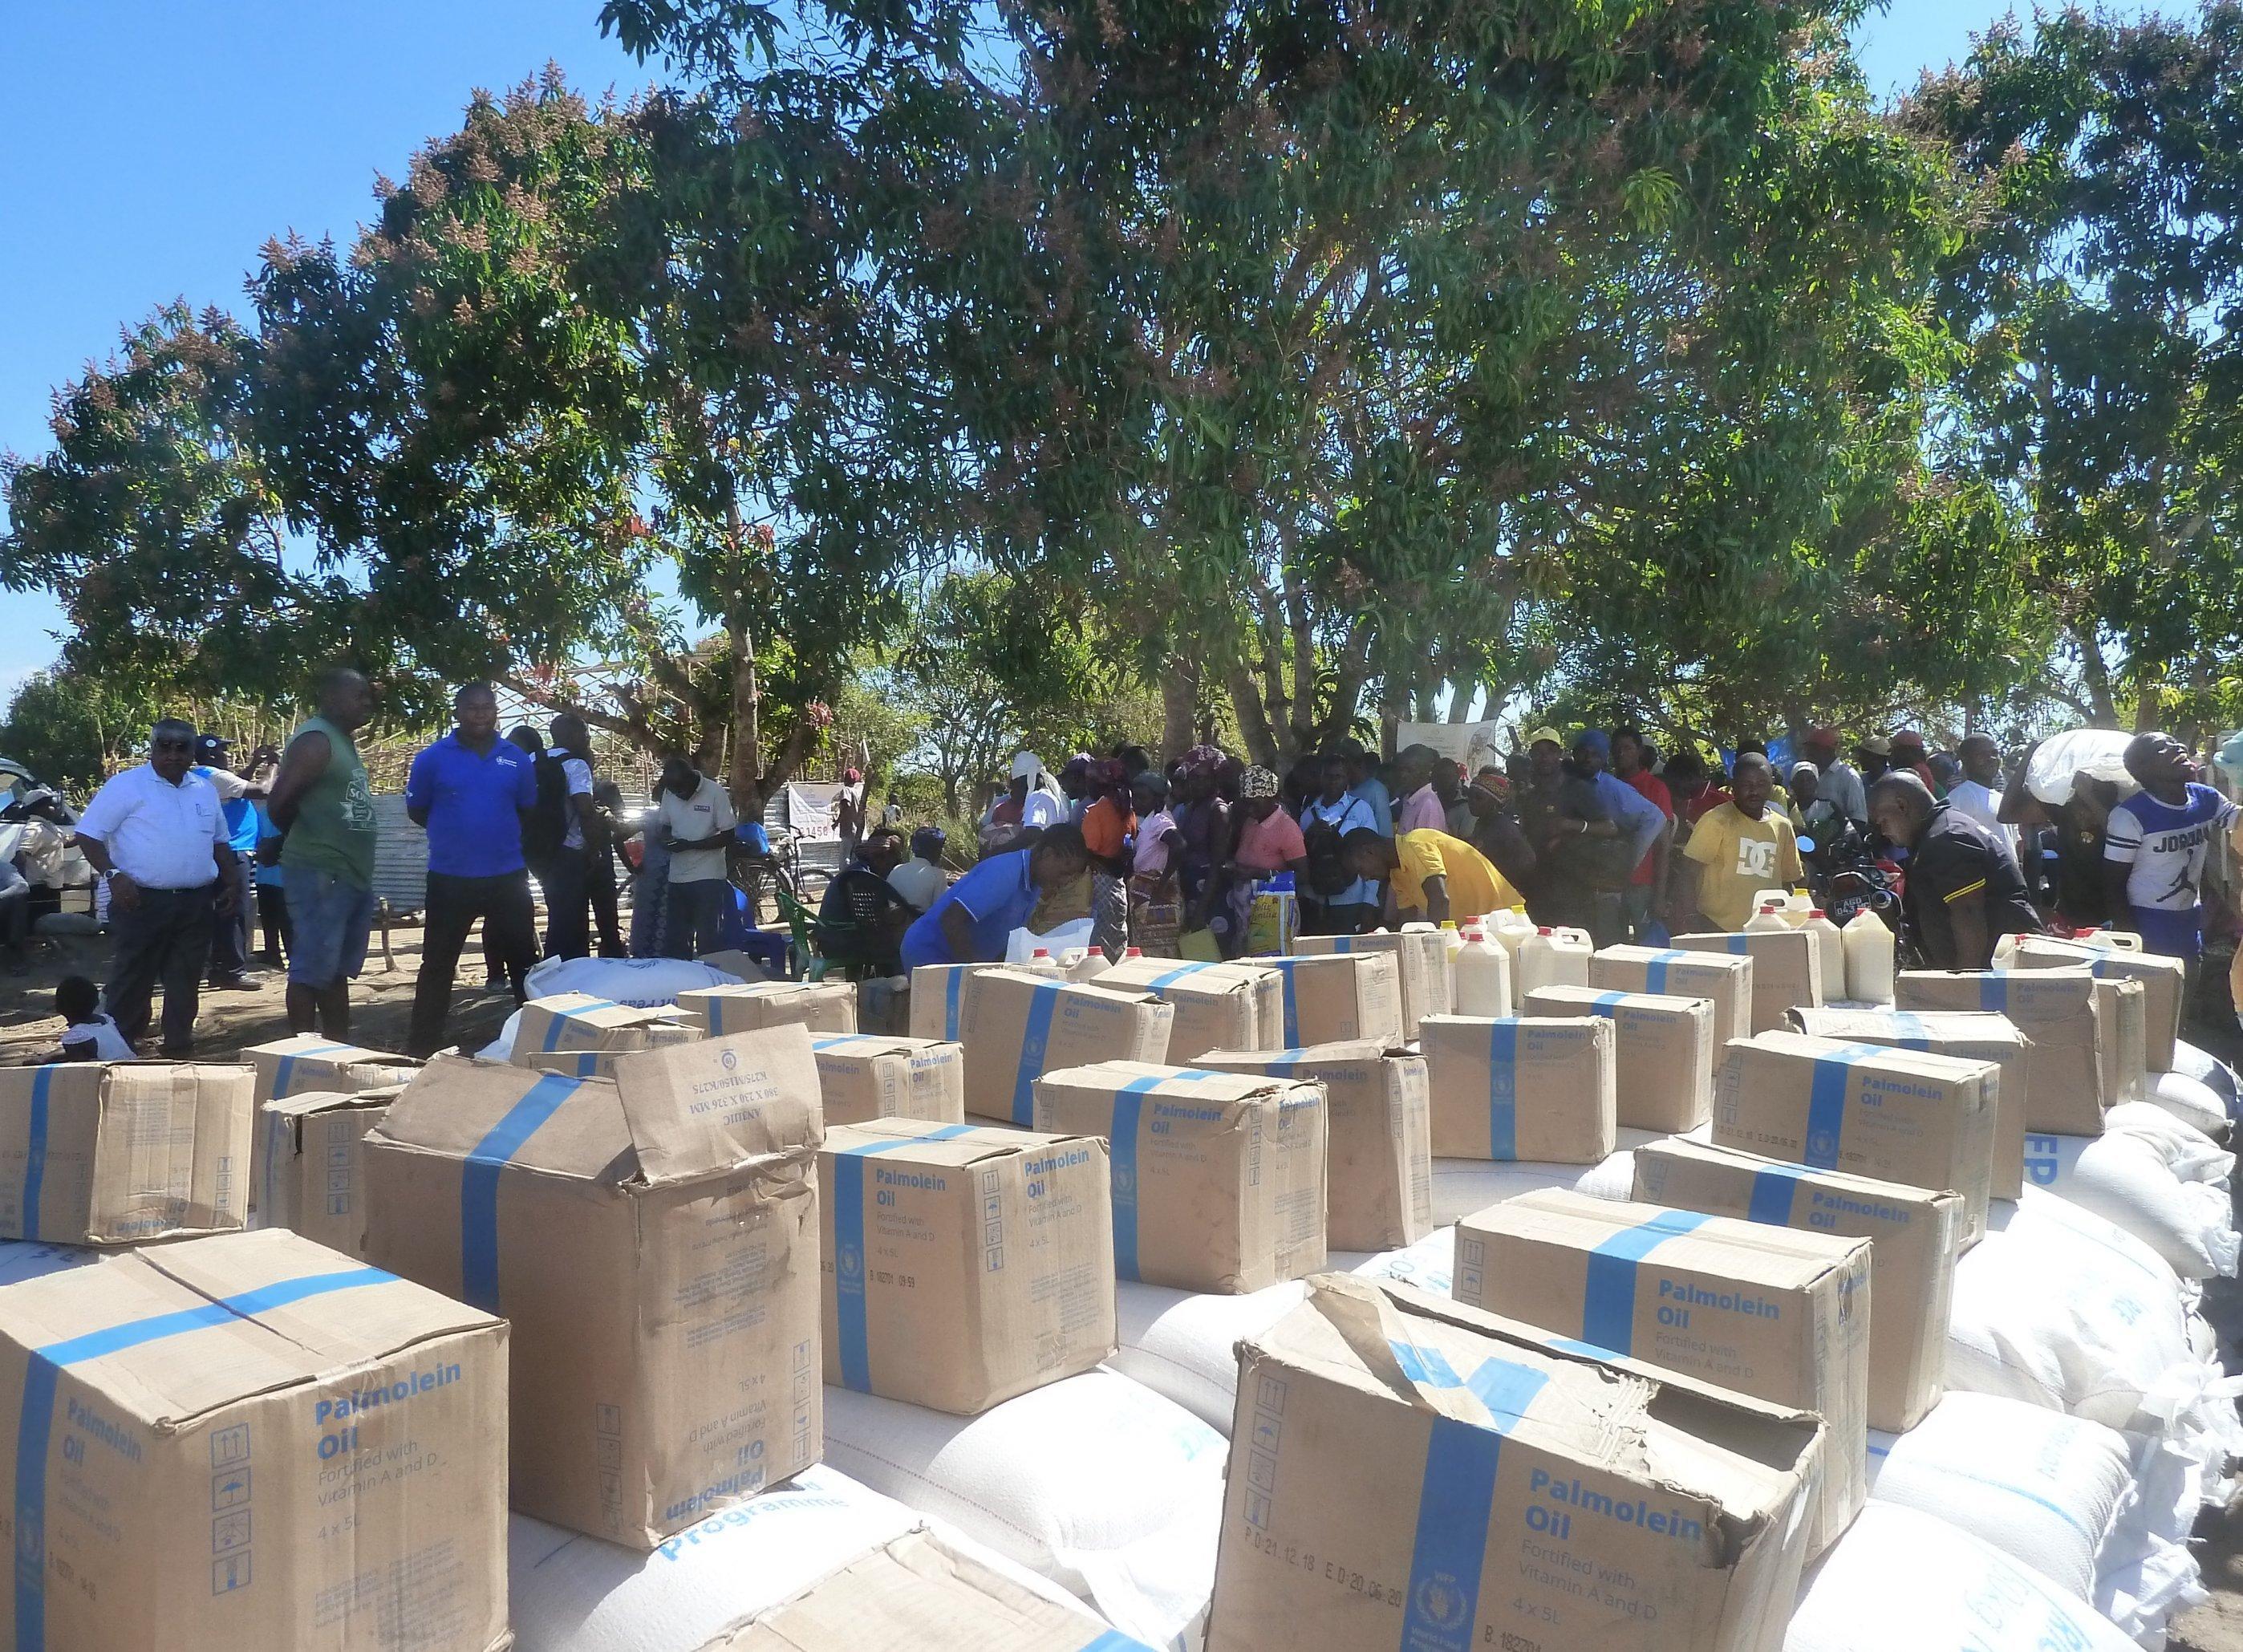 Das Bild zeigt Säcke und Kisten mit Lebensmitteln, die gerade von einem LKW des Welternährungsprogramms abgeladen wurden. Drumherum warten bereits die Hilfsbedürftigen. Mosambikanerinnen, die durch den Zyklon 2019alles verloren haben.